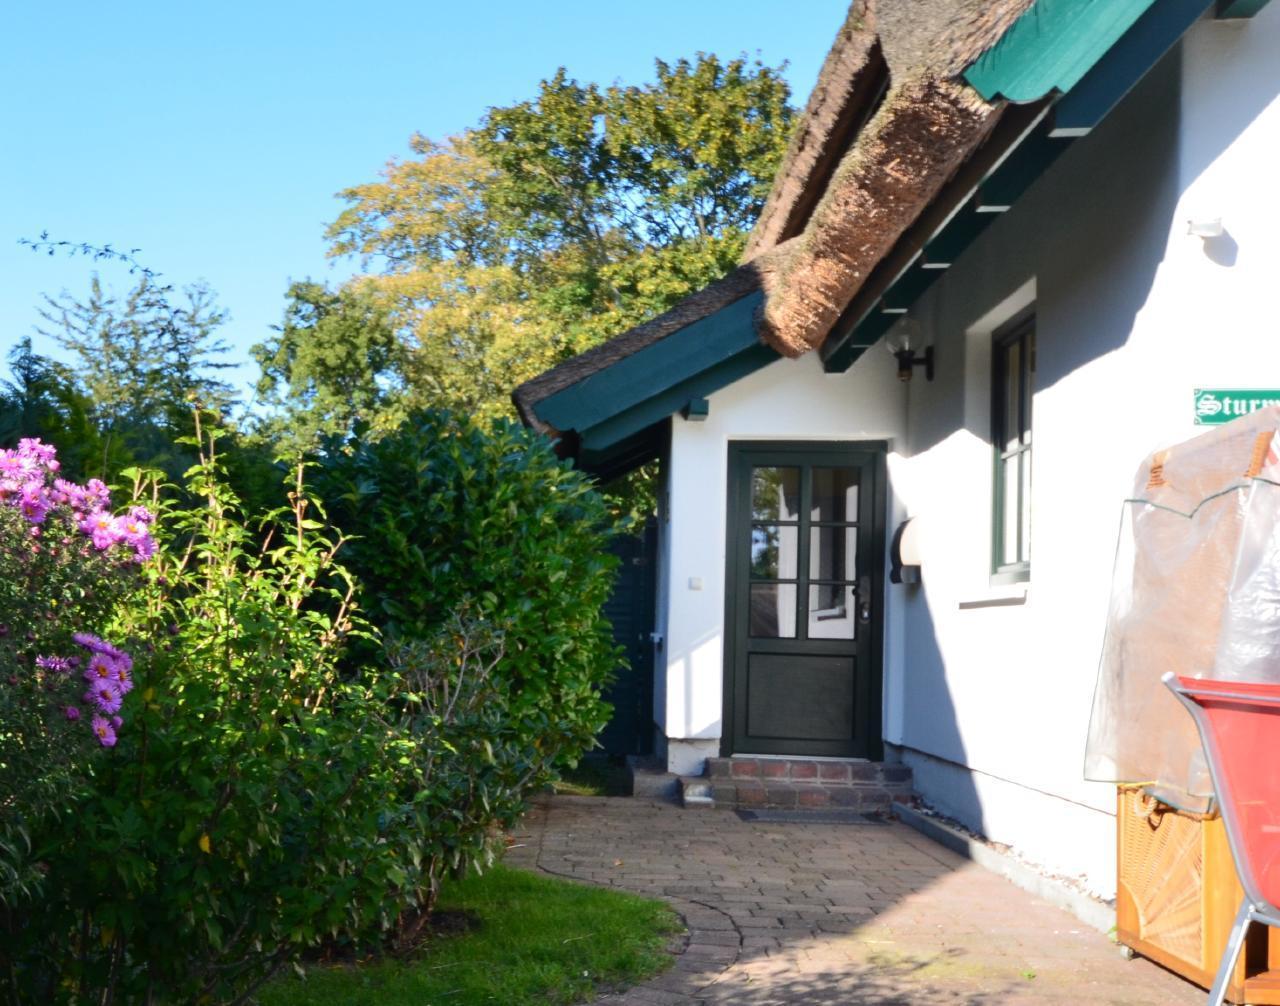 Ferienhaus Sturmhaube (127674), Groß Zicker, Rügen, Mecklenburg-Vorpommern, Deutschland, Bild 26